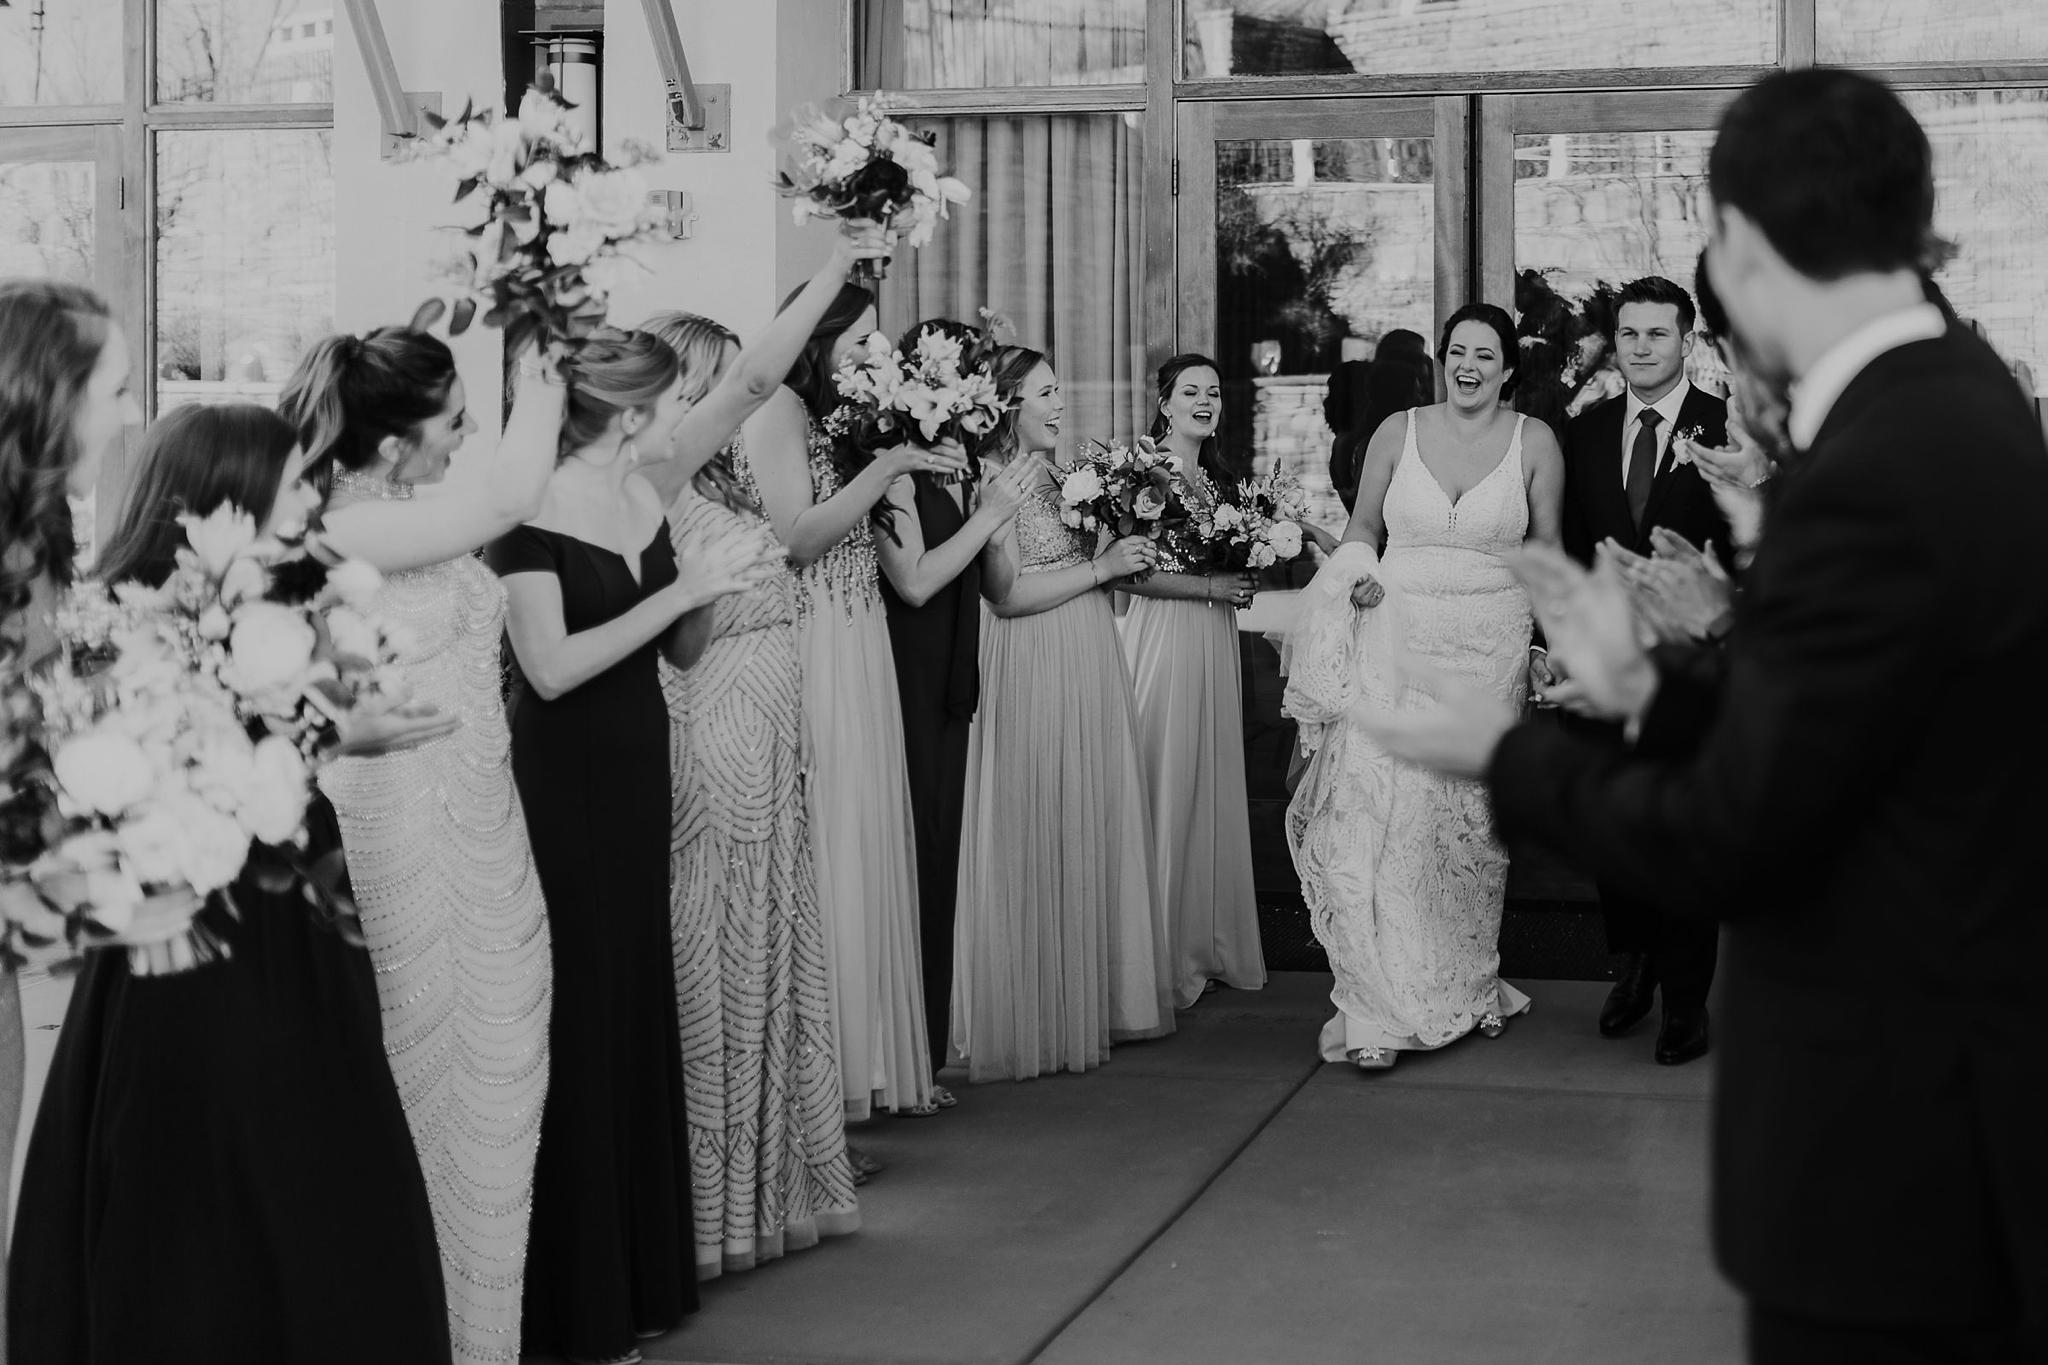 Alicia+lucia+photography+-+albuquerque+wedding+photographer+-+santa+fe+wedding+photography+-+new+mexico+wedding+photographer+-+new+mexico+wedding+-+santa+fe+wedding+-+four+seasons+wedding+-+winter+wedding_0074.jpg